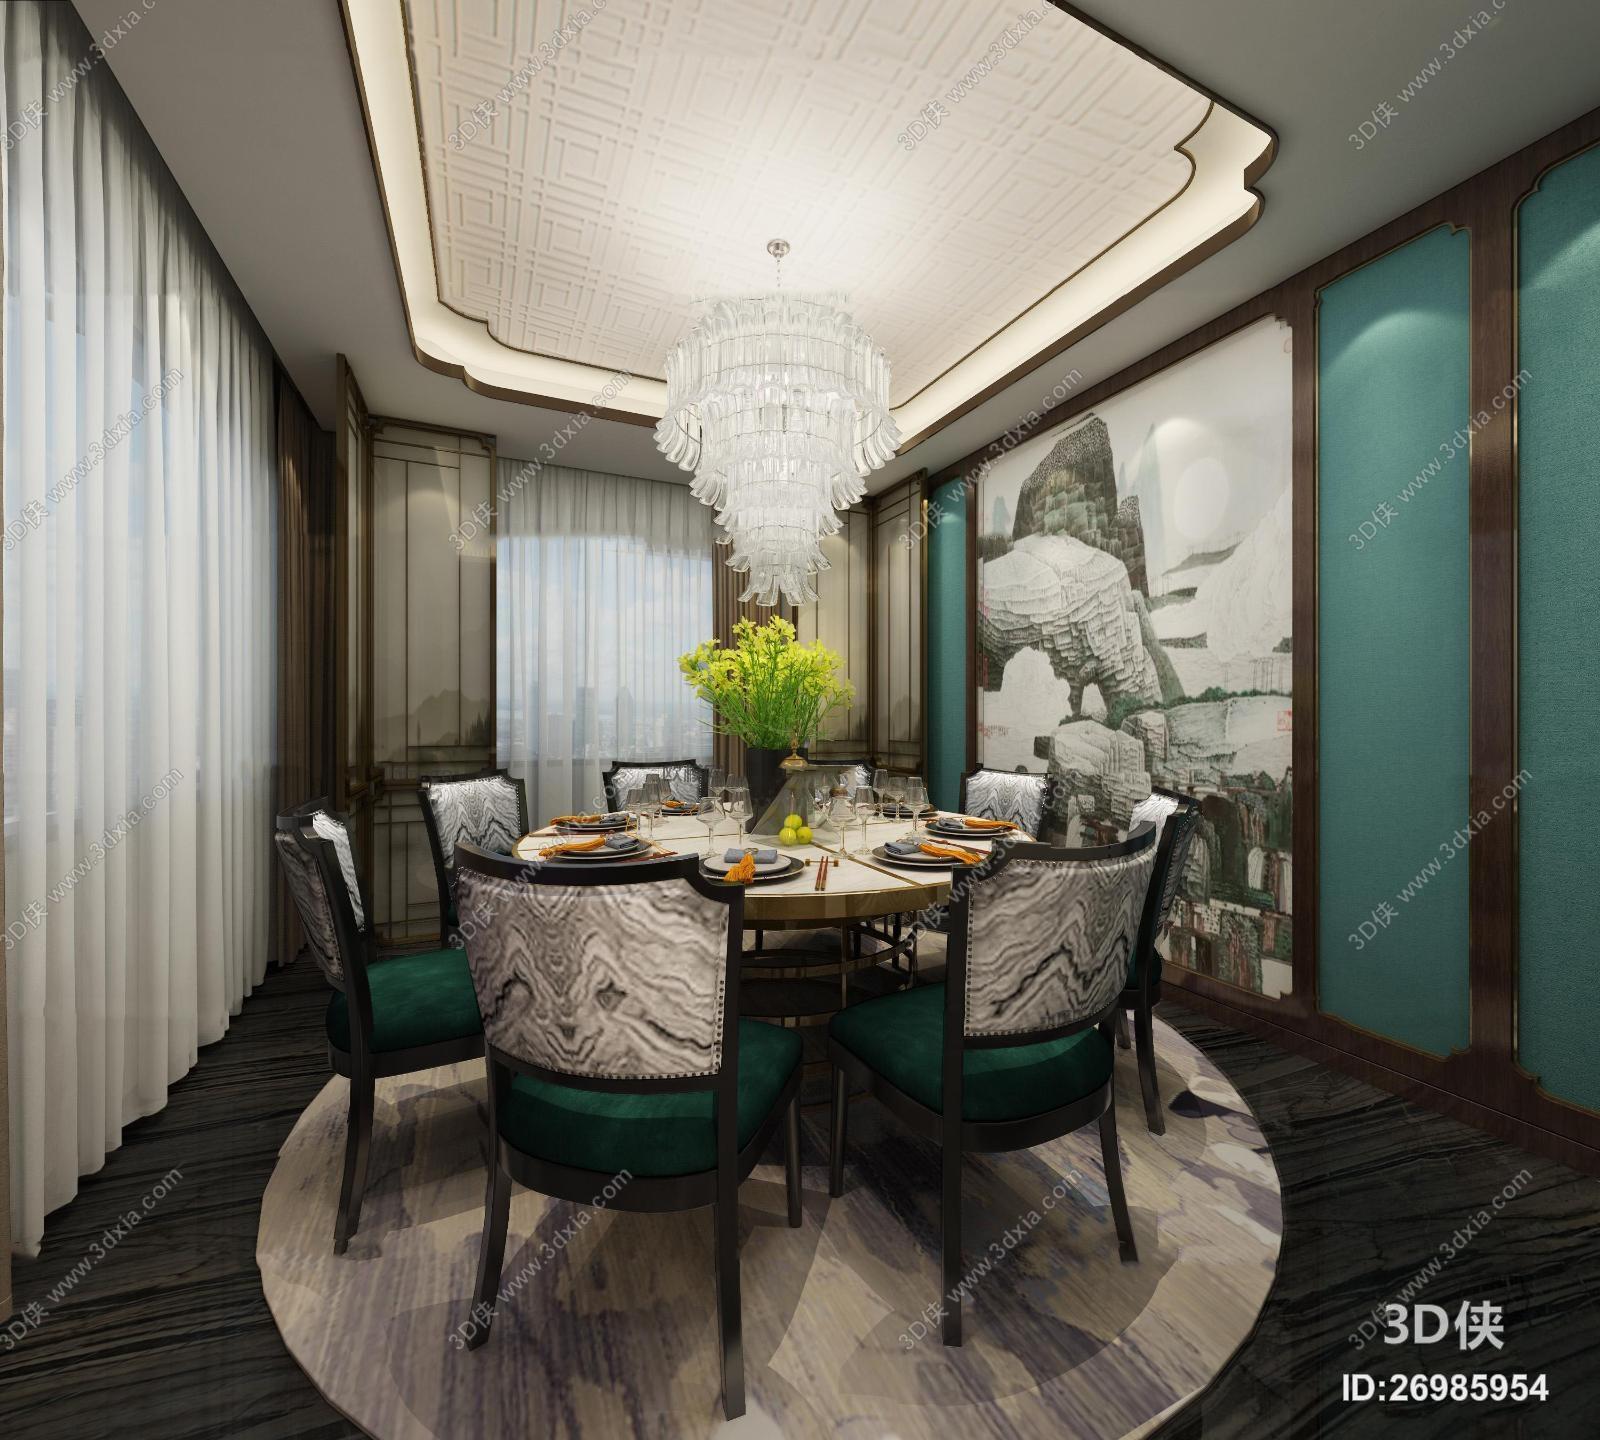 效果圖素材免費下載,本作品主題是新中式餐廳包間3d模型,編號是